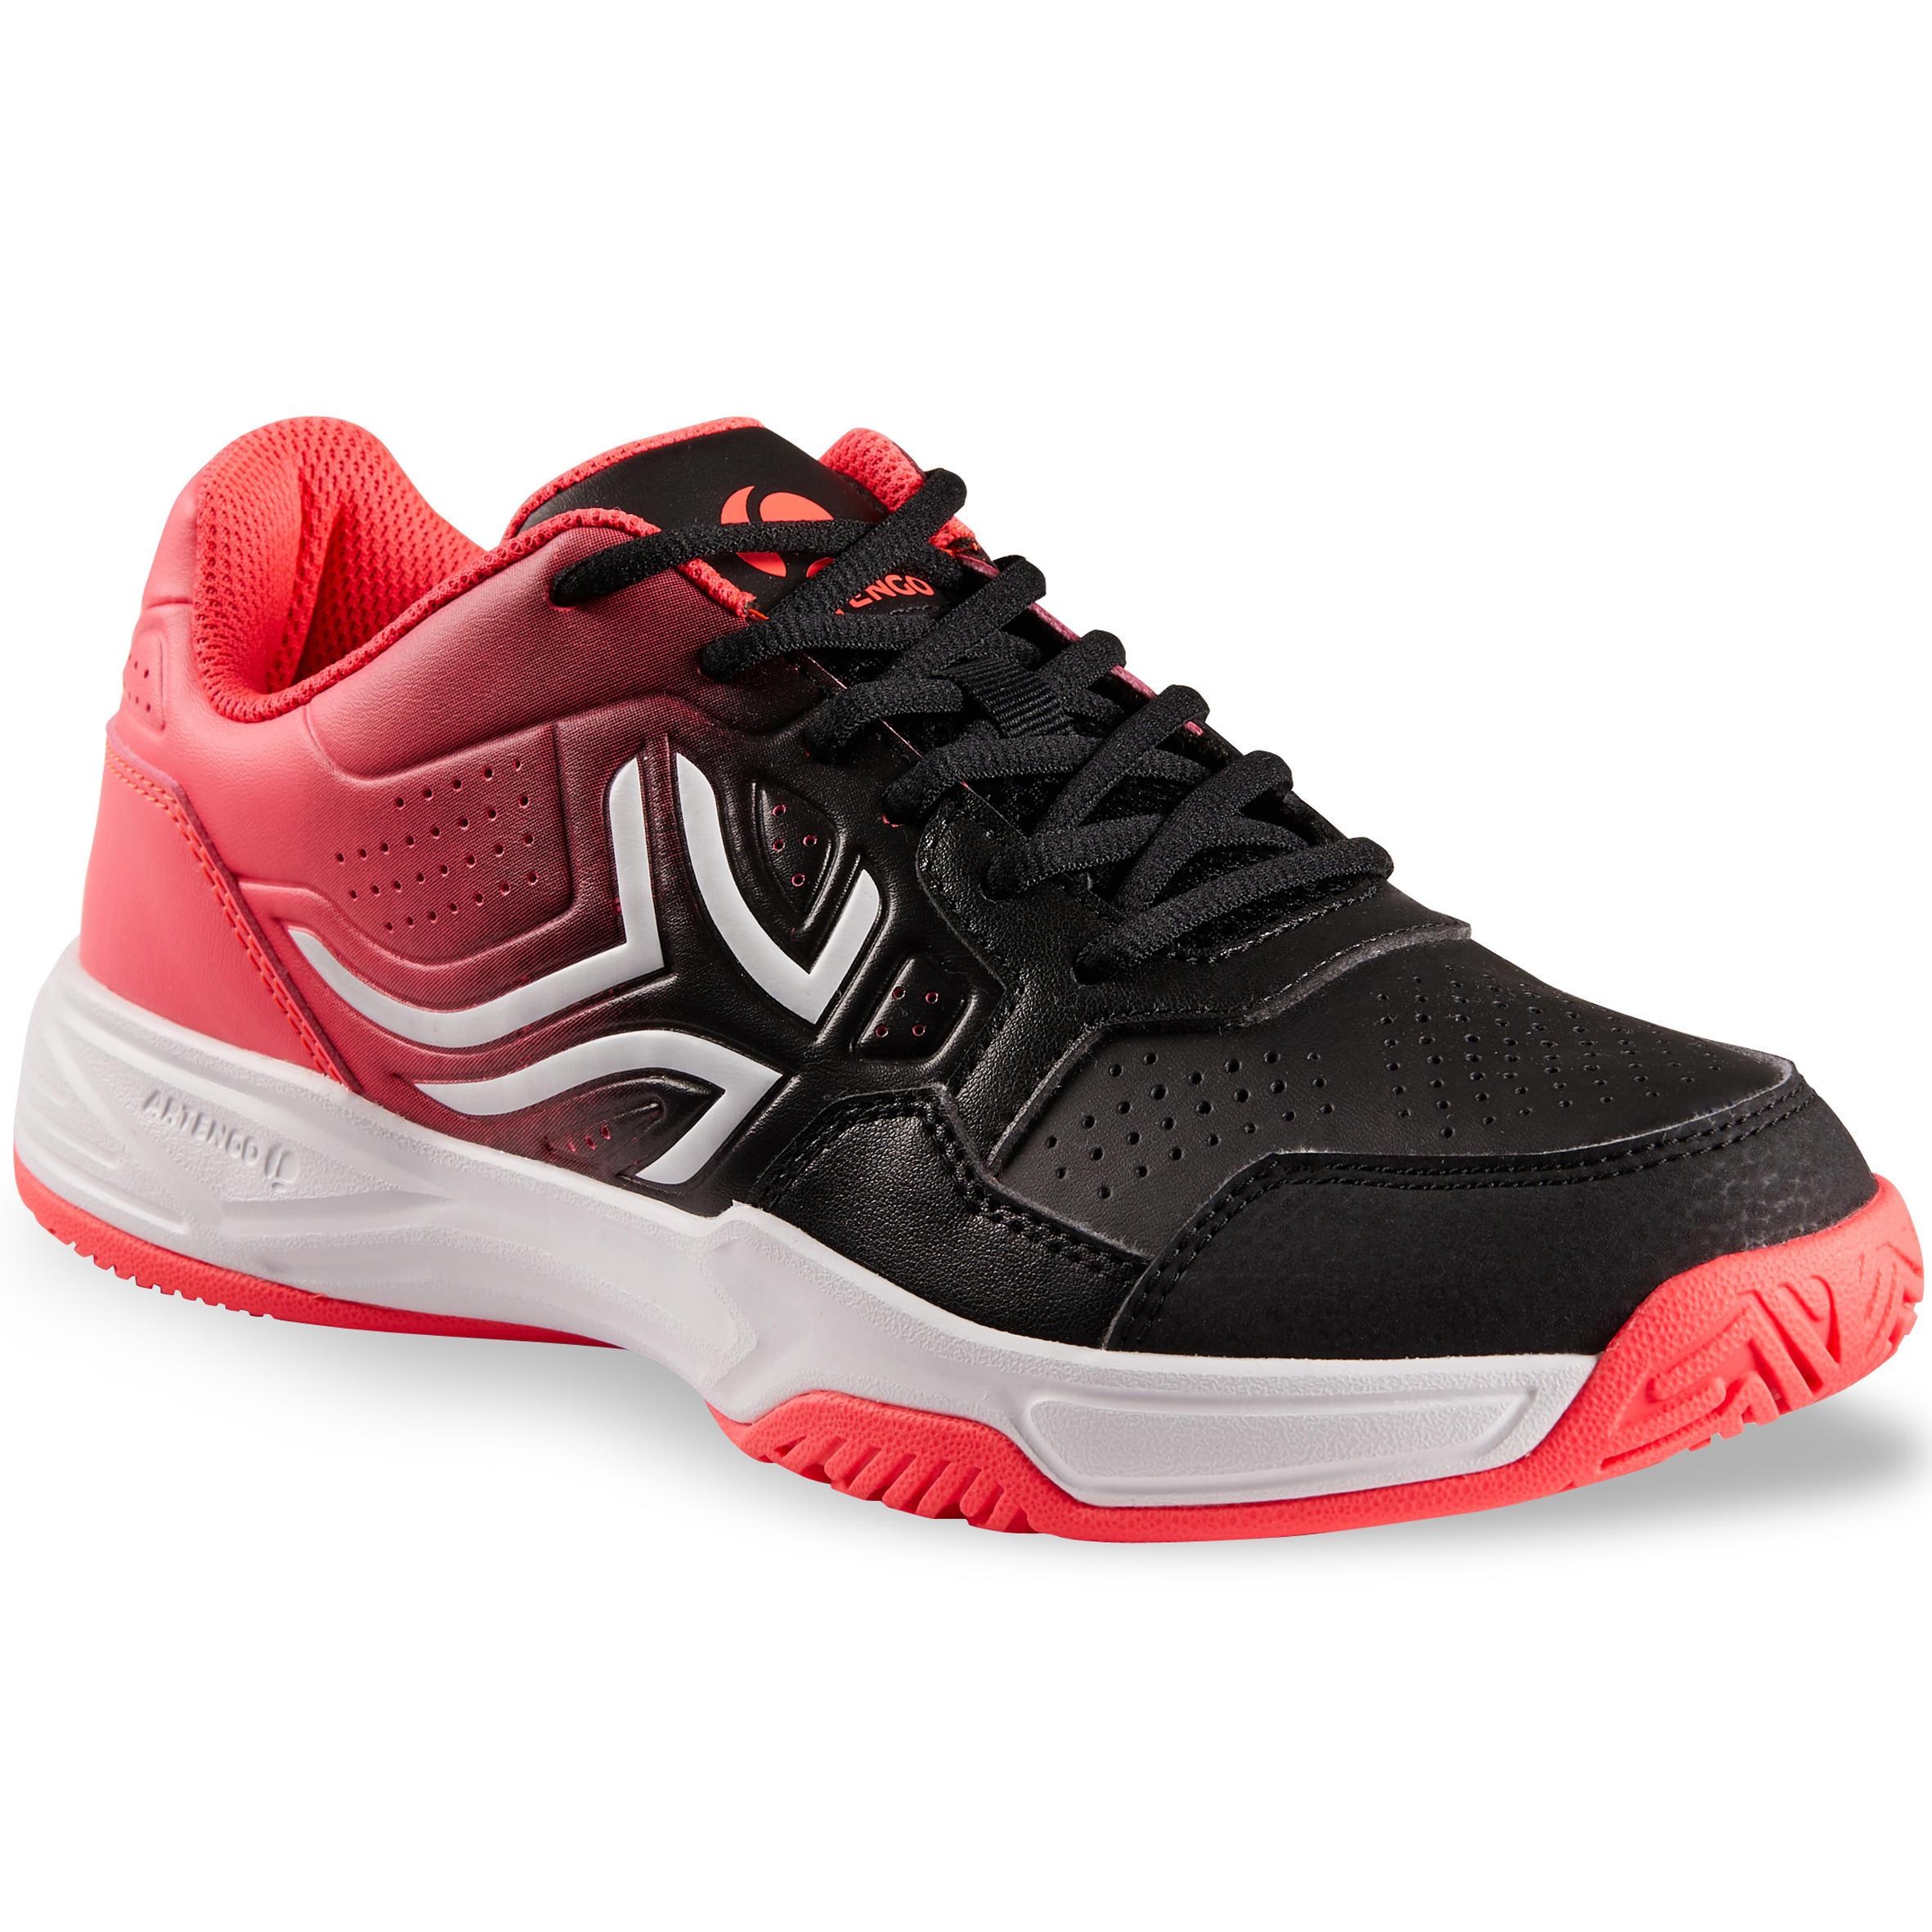 Tennisschuhe TS 190 Allcourt Damen | Schuhe > Sportschuhe > Tennisschuhe | Artengo